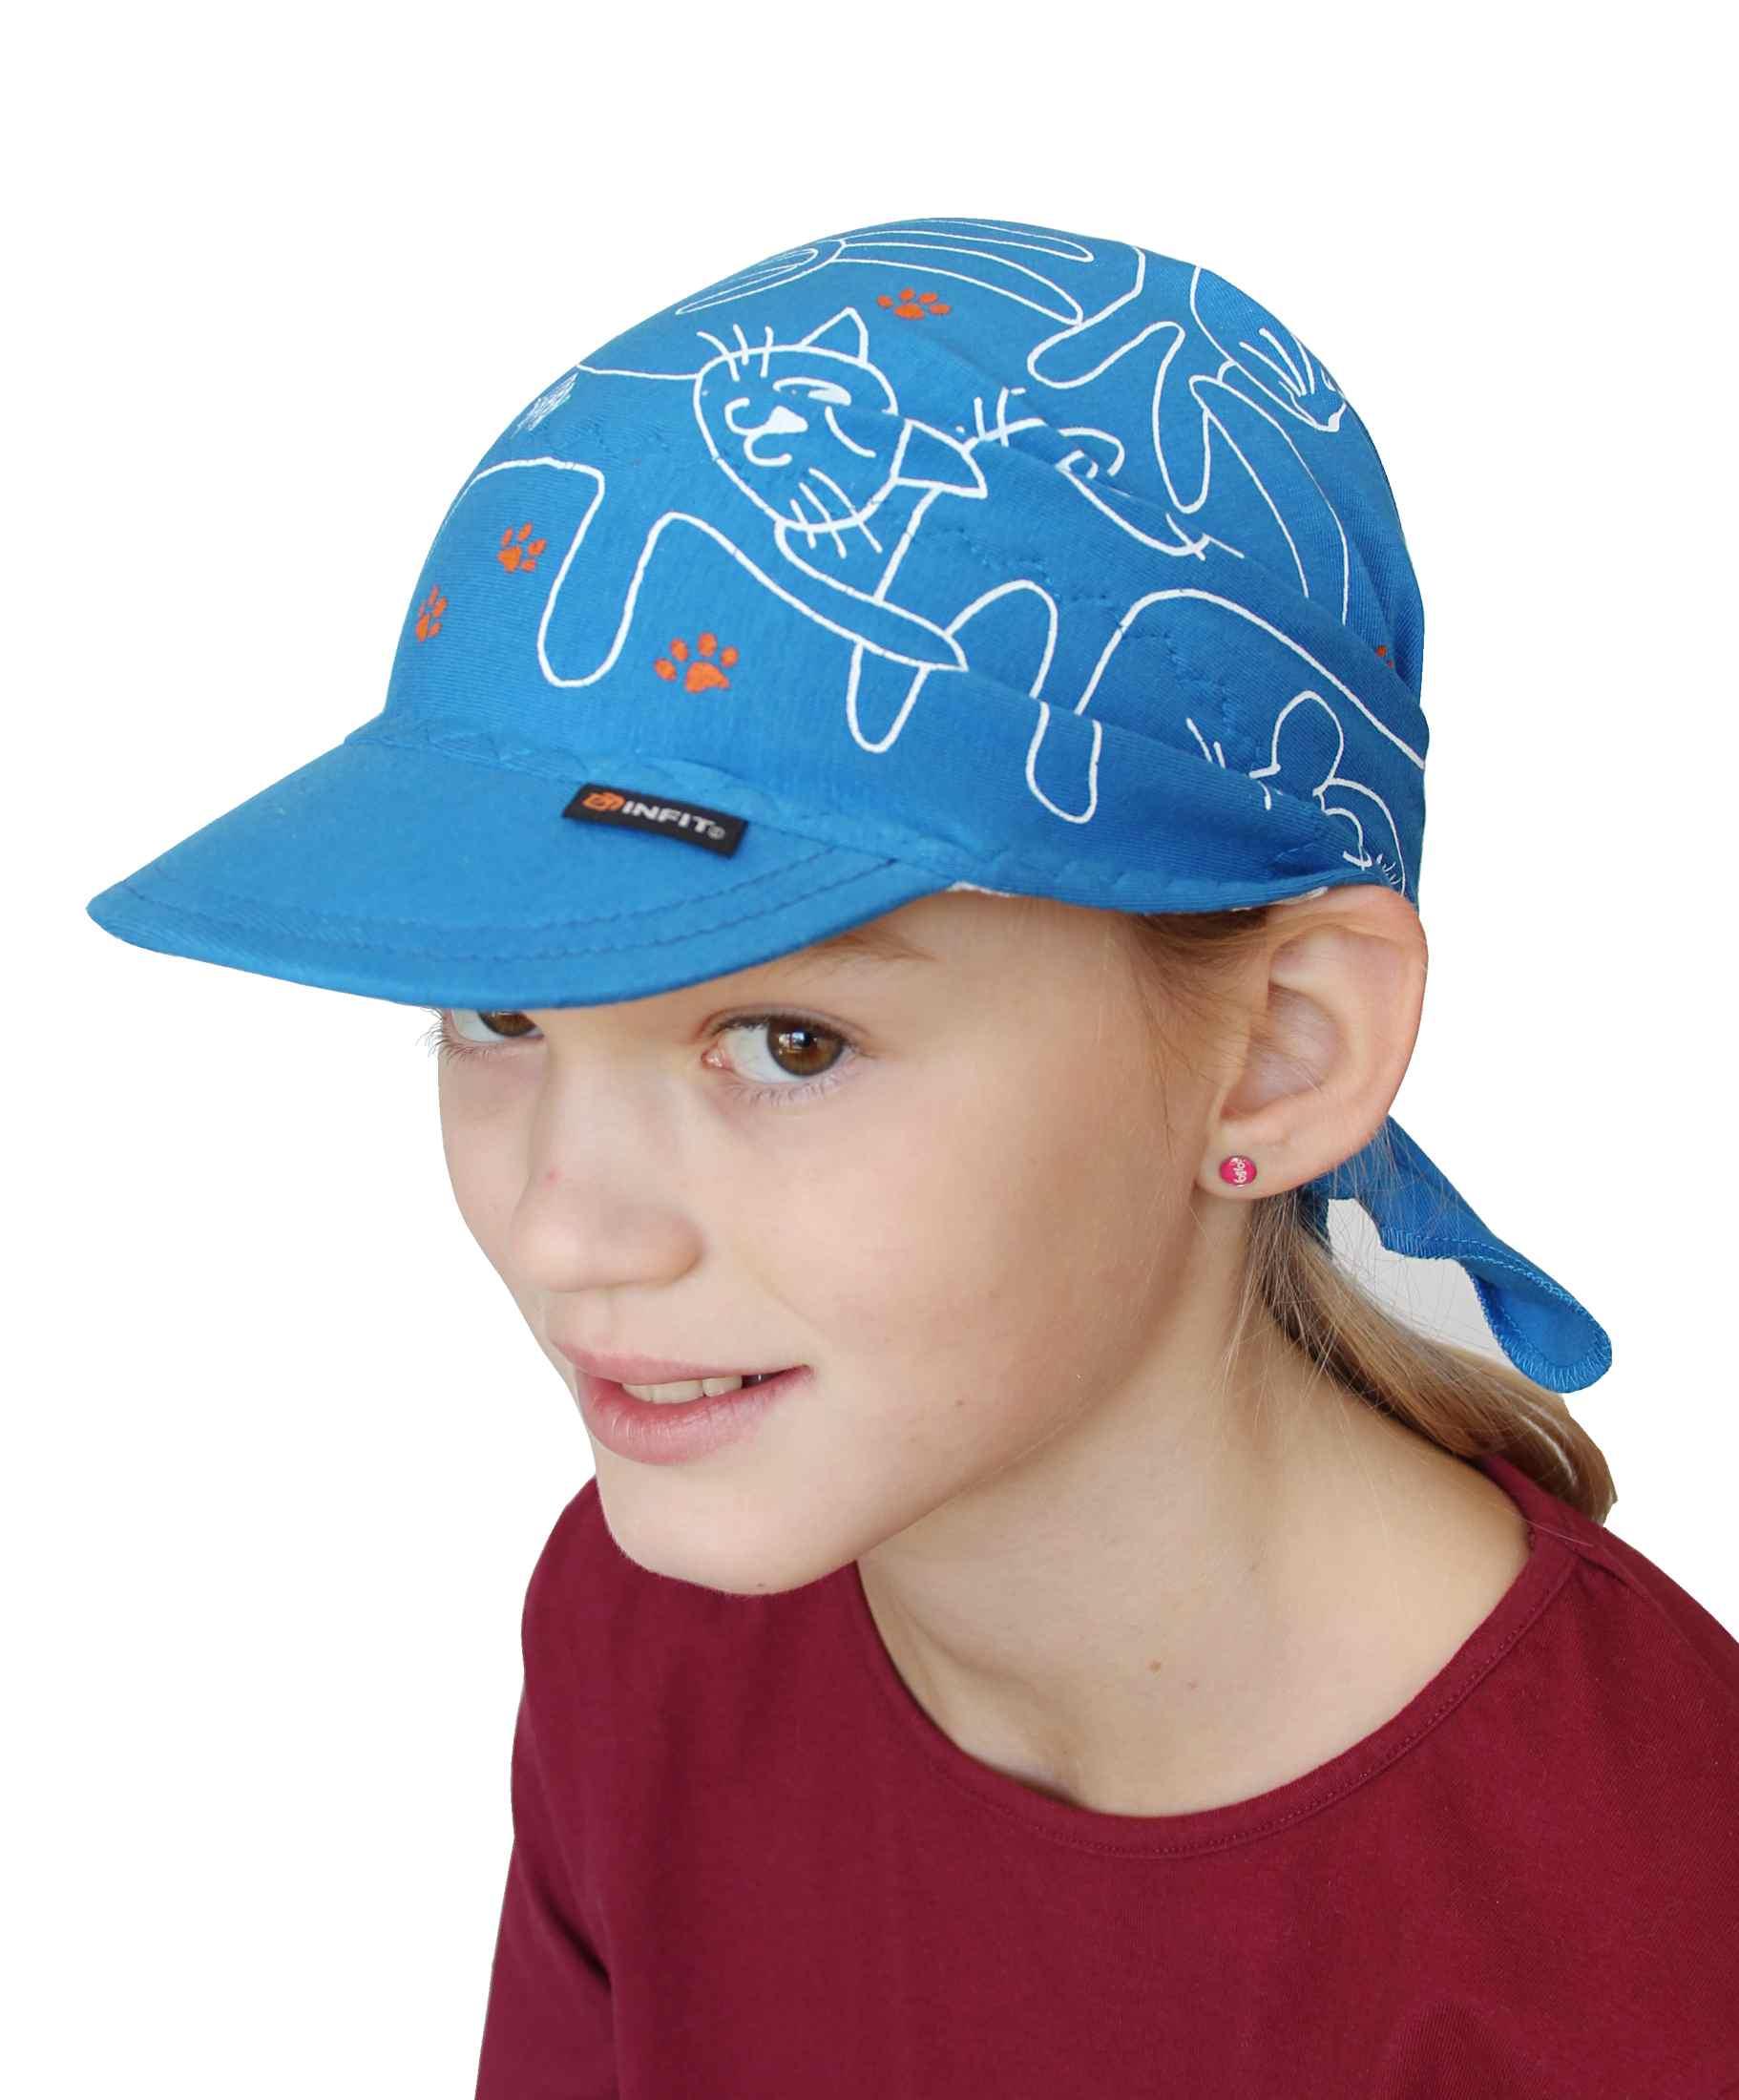 Dětský šátek s kšiltem světle modrý vzor Kočky 6bb76dff1c